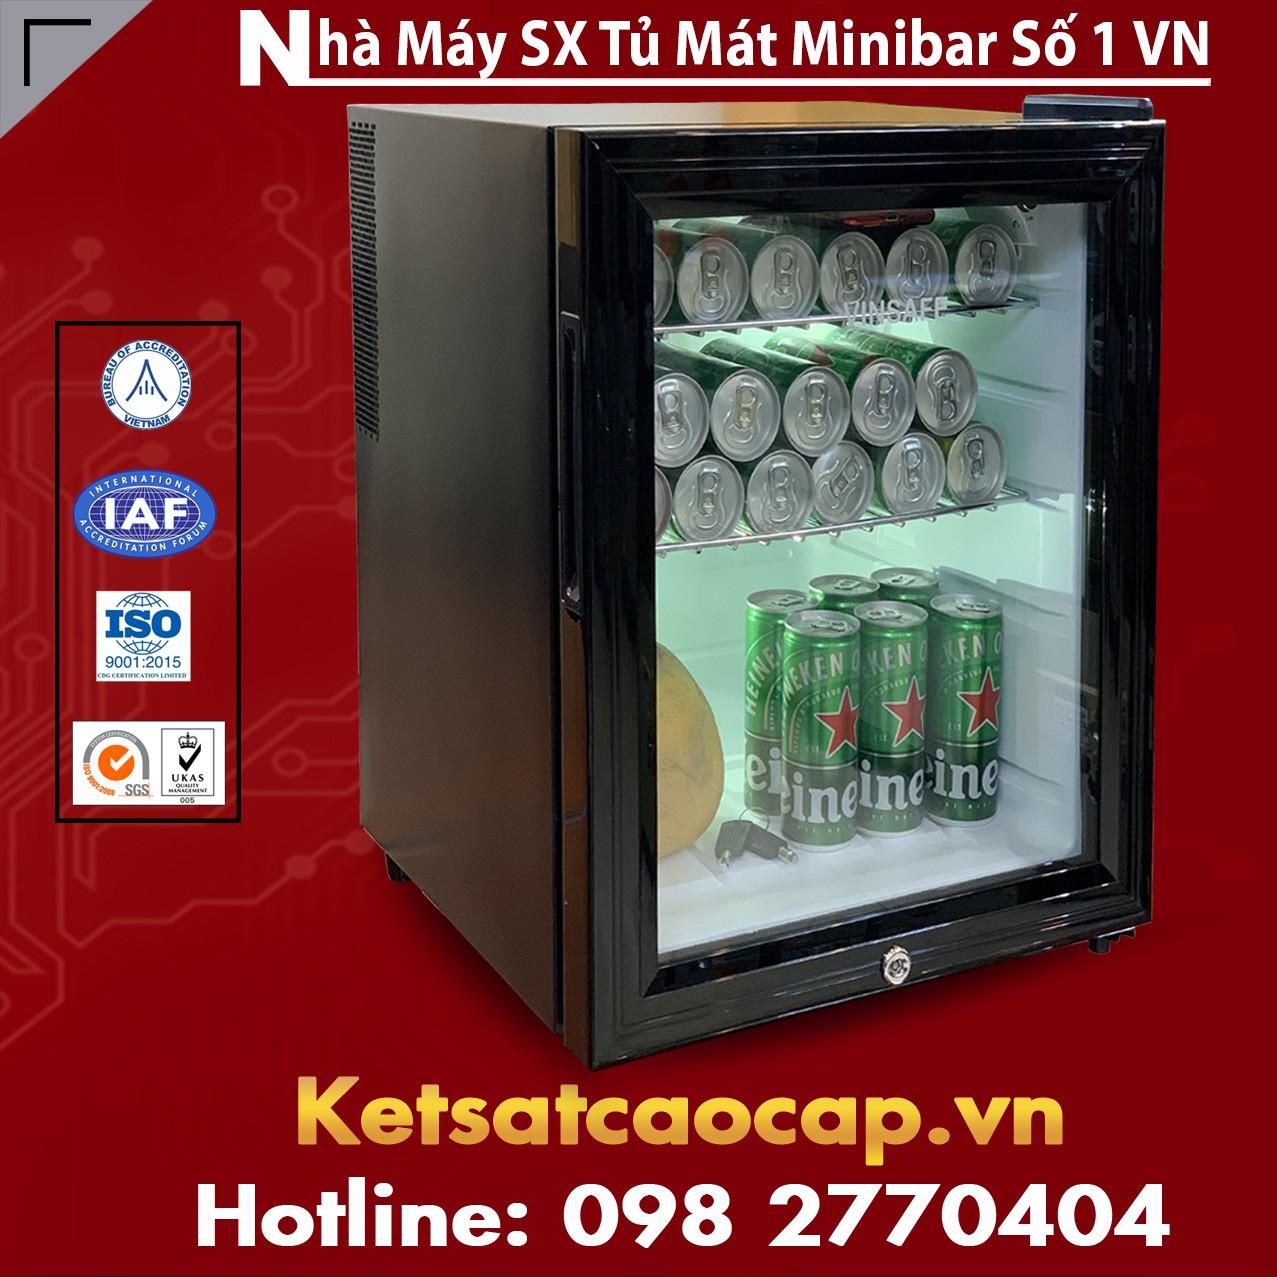 Tủ Mát MiniBar Cánh Kính MB40-CK